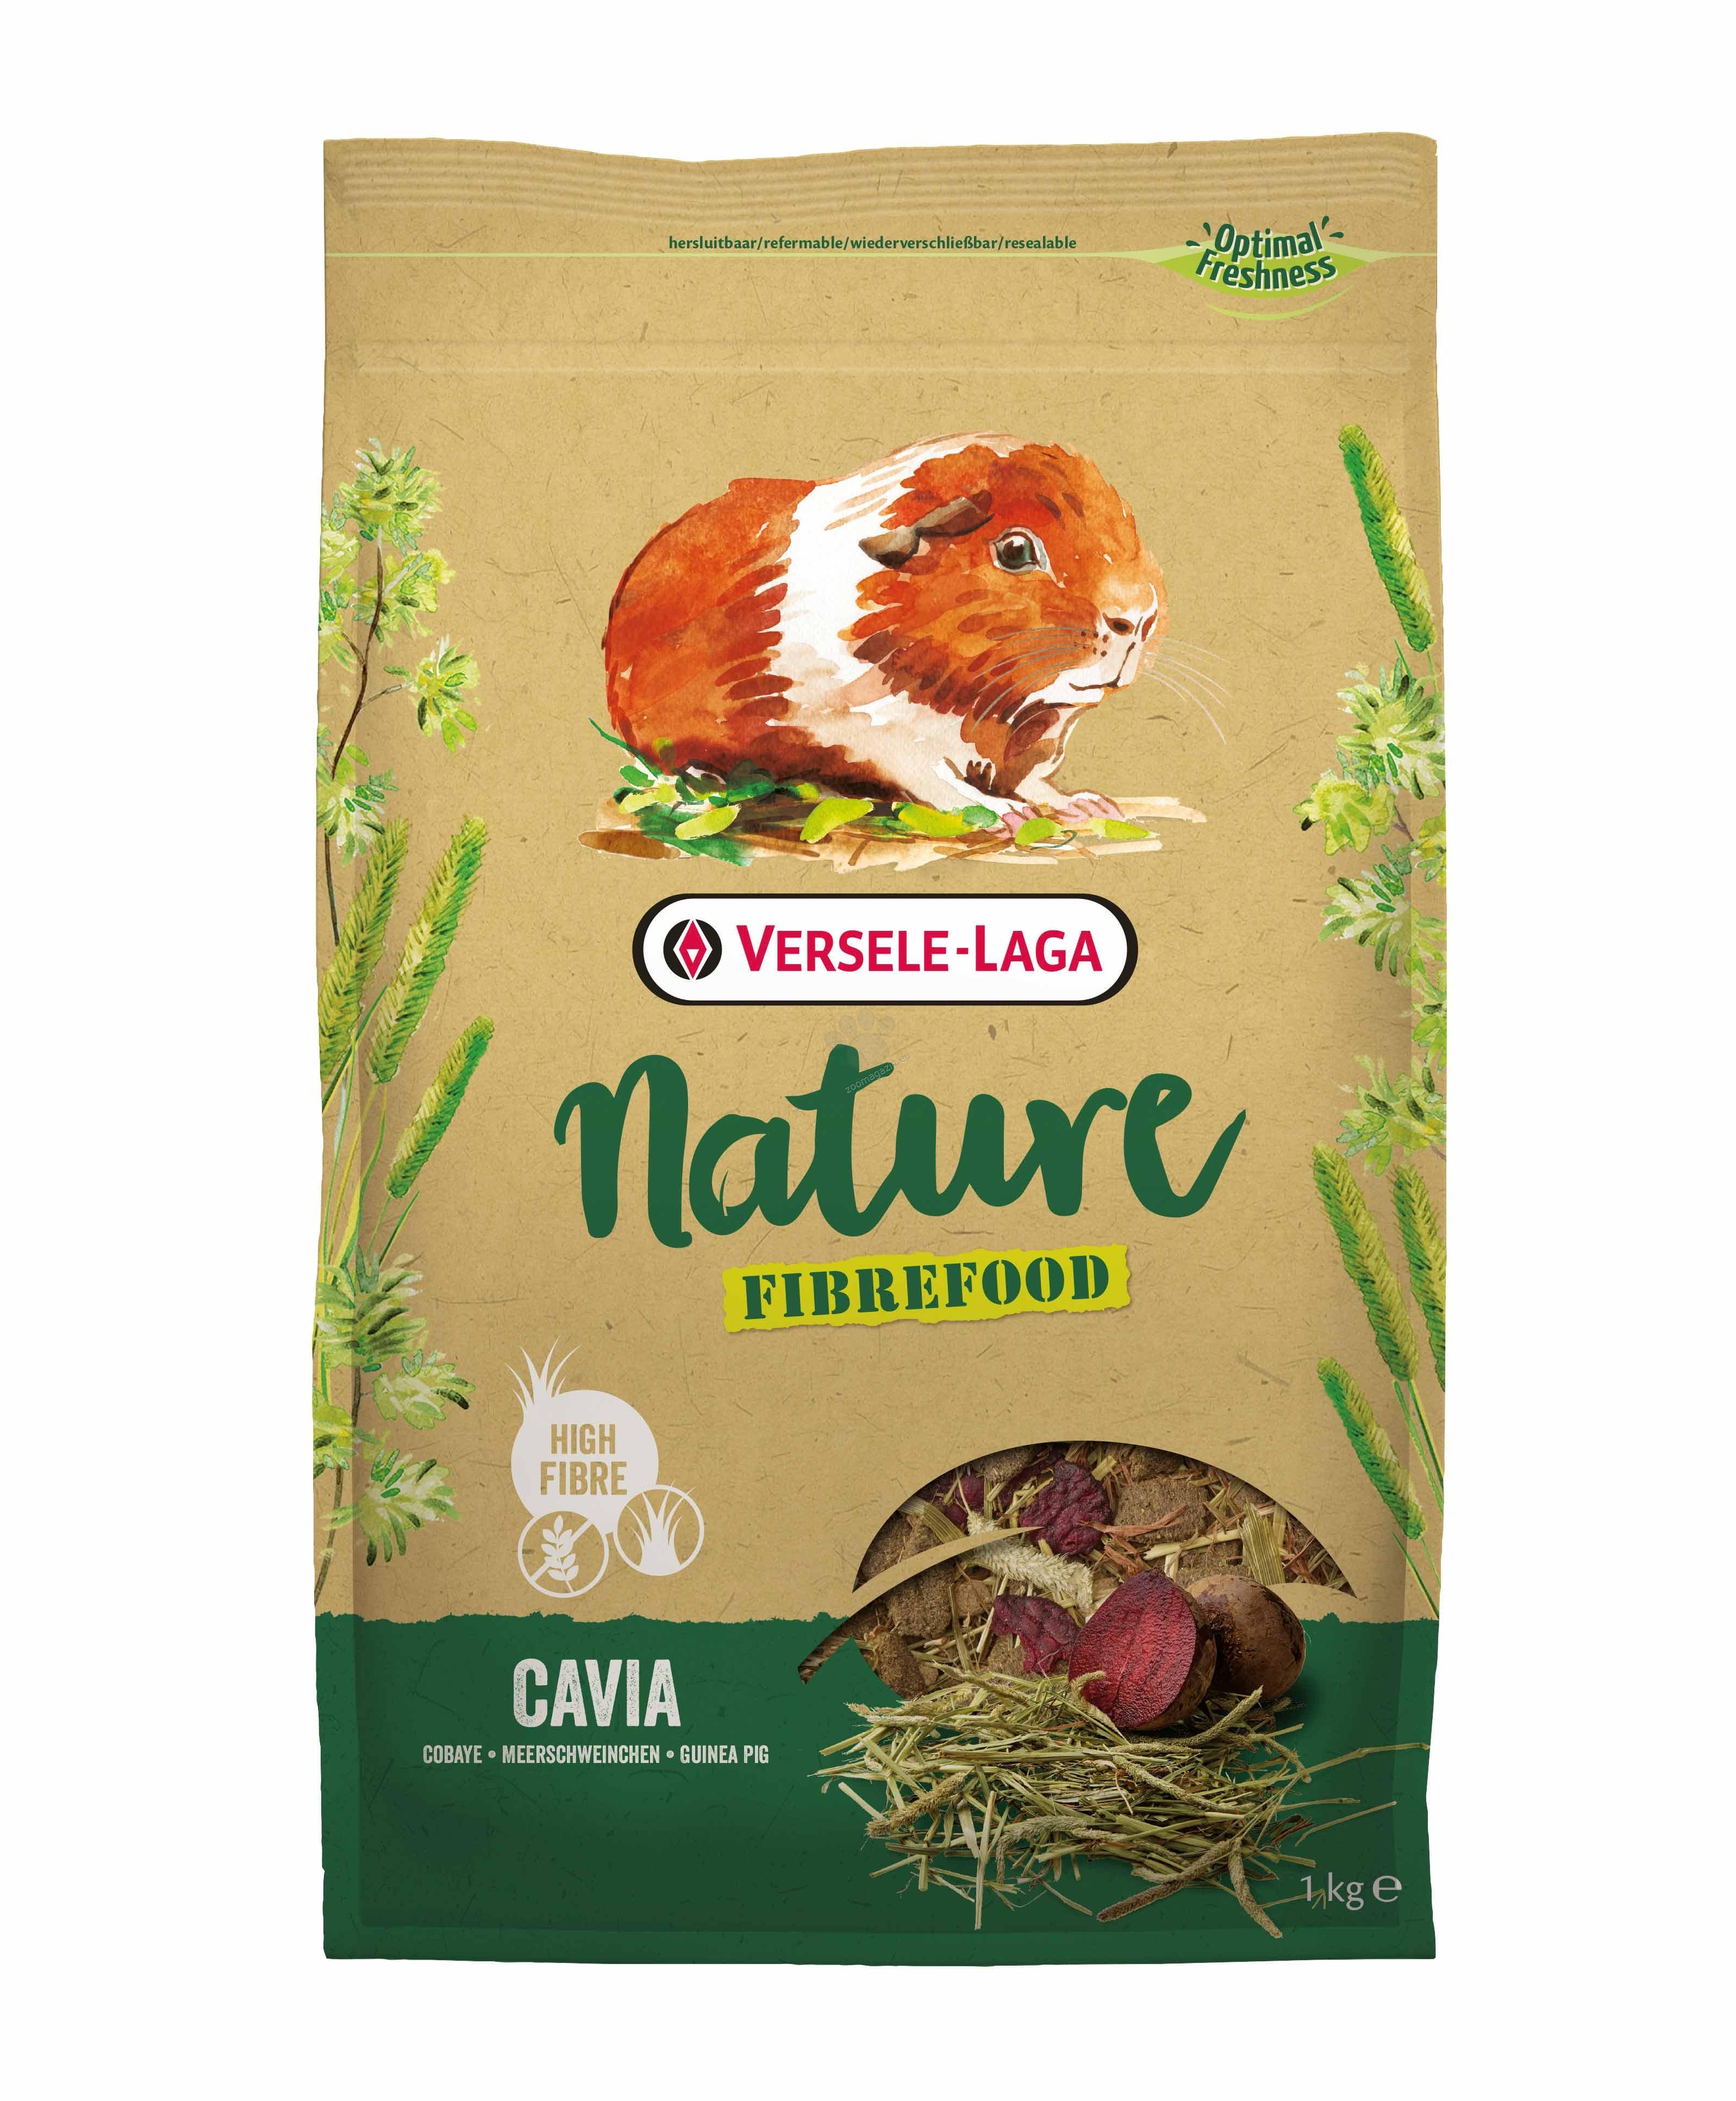 Versele Laga - Fiberfood Cavia - пълноценна храна за за морски свинчета - възрастни, капризни и живеещи у дома 1 кг.